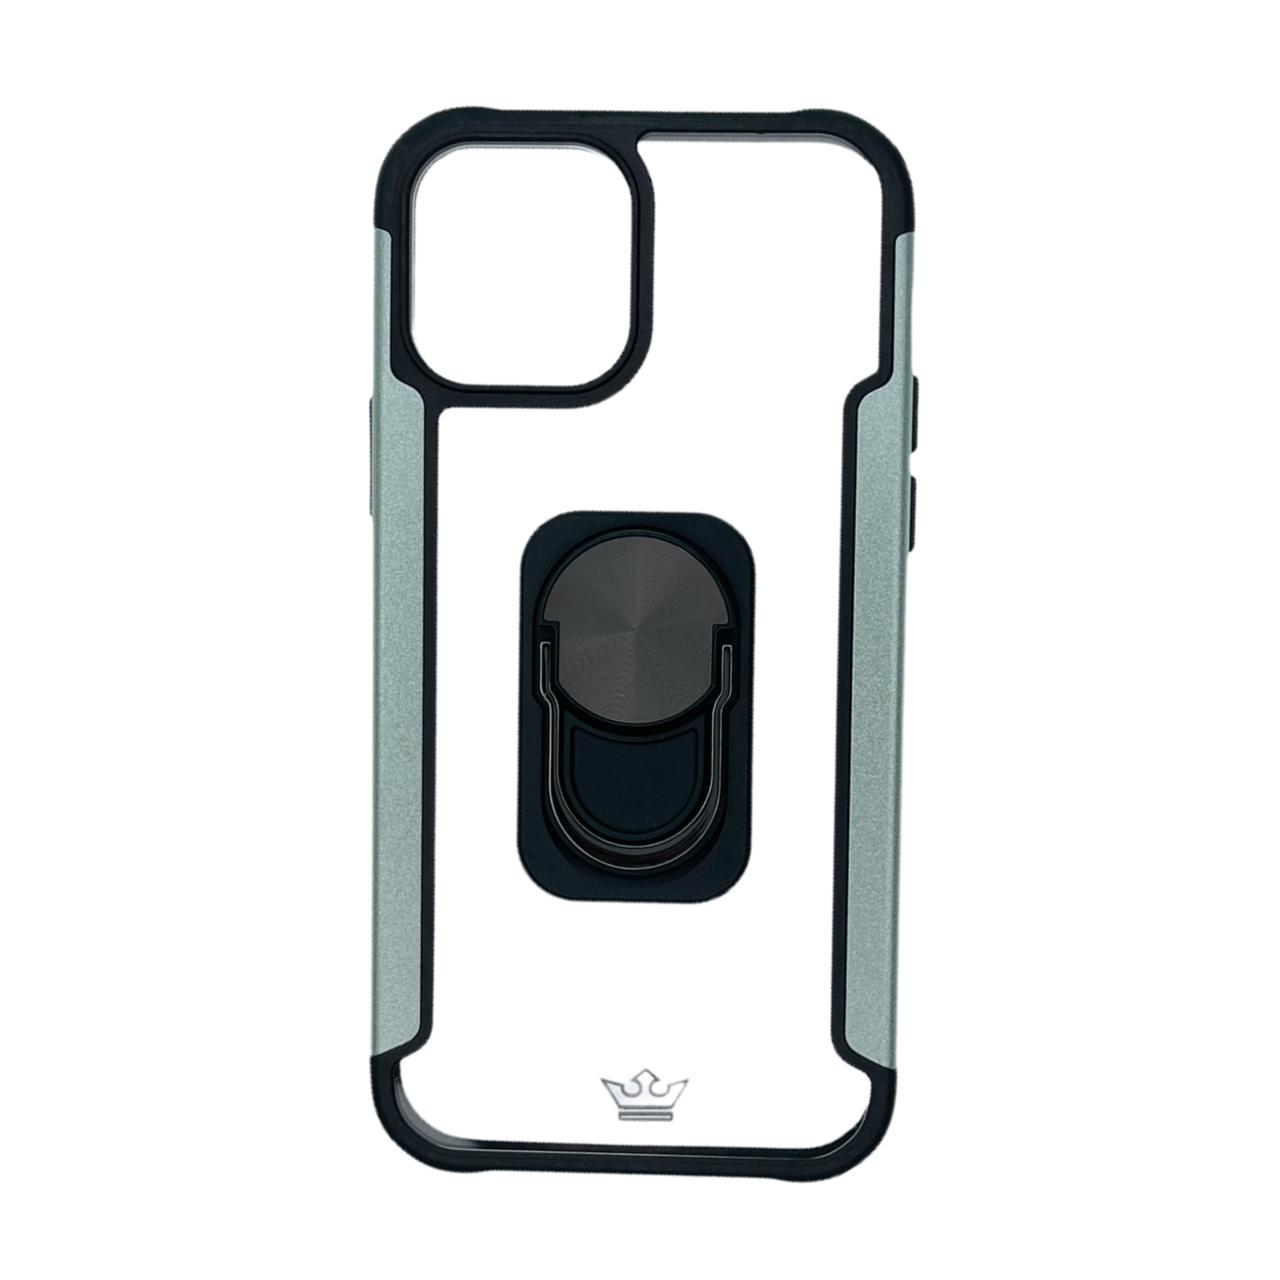 Estuche EL REY Transparente y metal a los lados gris con funcion de anillo IPHONE 12 / PRO 6.1